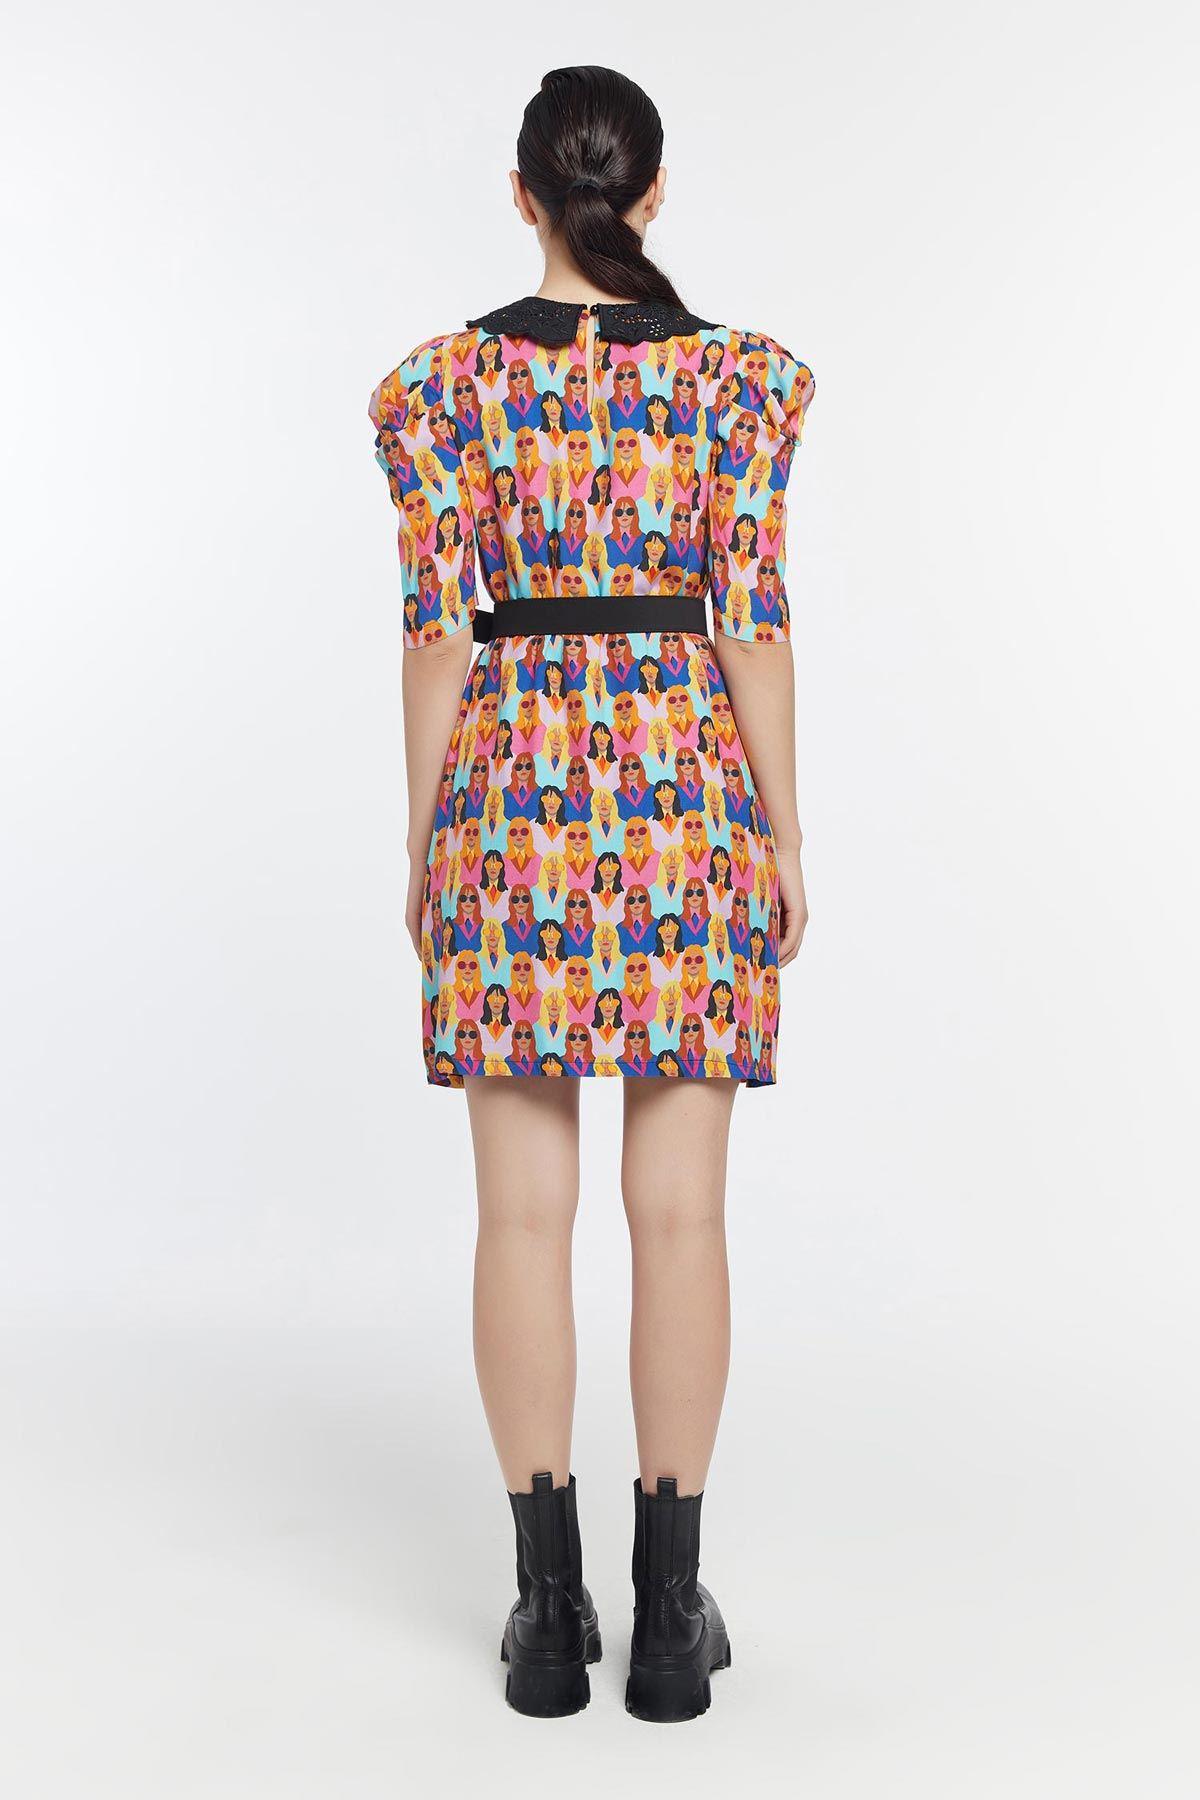 Kadın figürlü brode yakalı elbise Fuşya